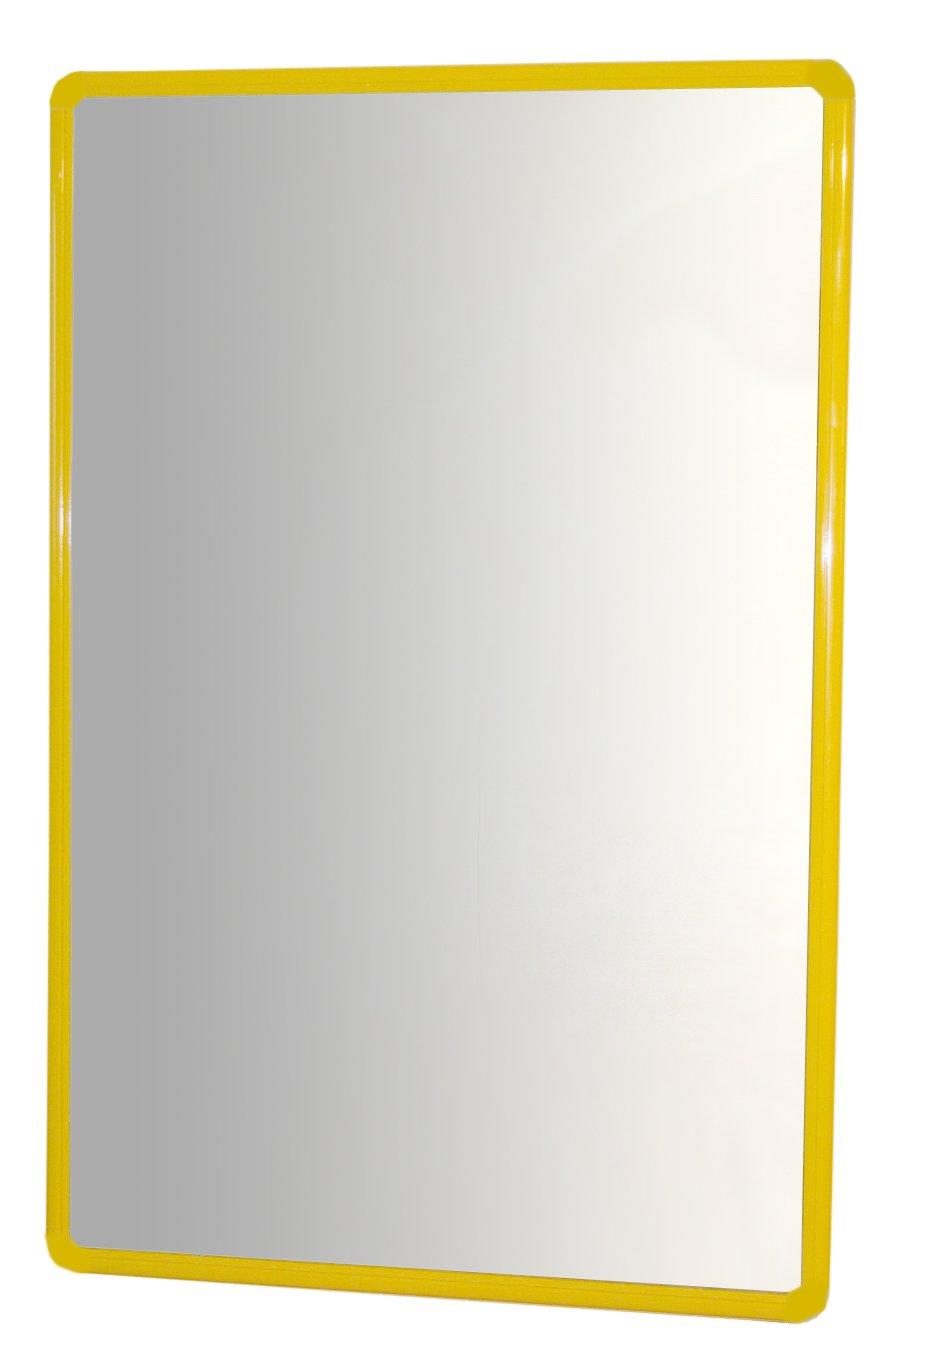 Henbea - Espejo con Marco de Aluminio, 100 x 65 cm, Color Amarillo (754/C4)